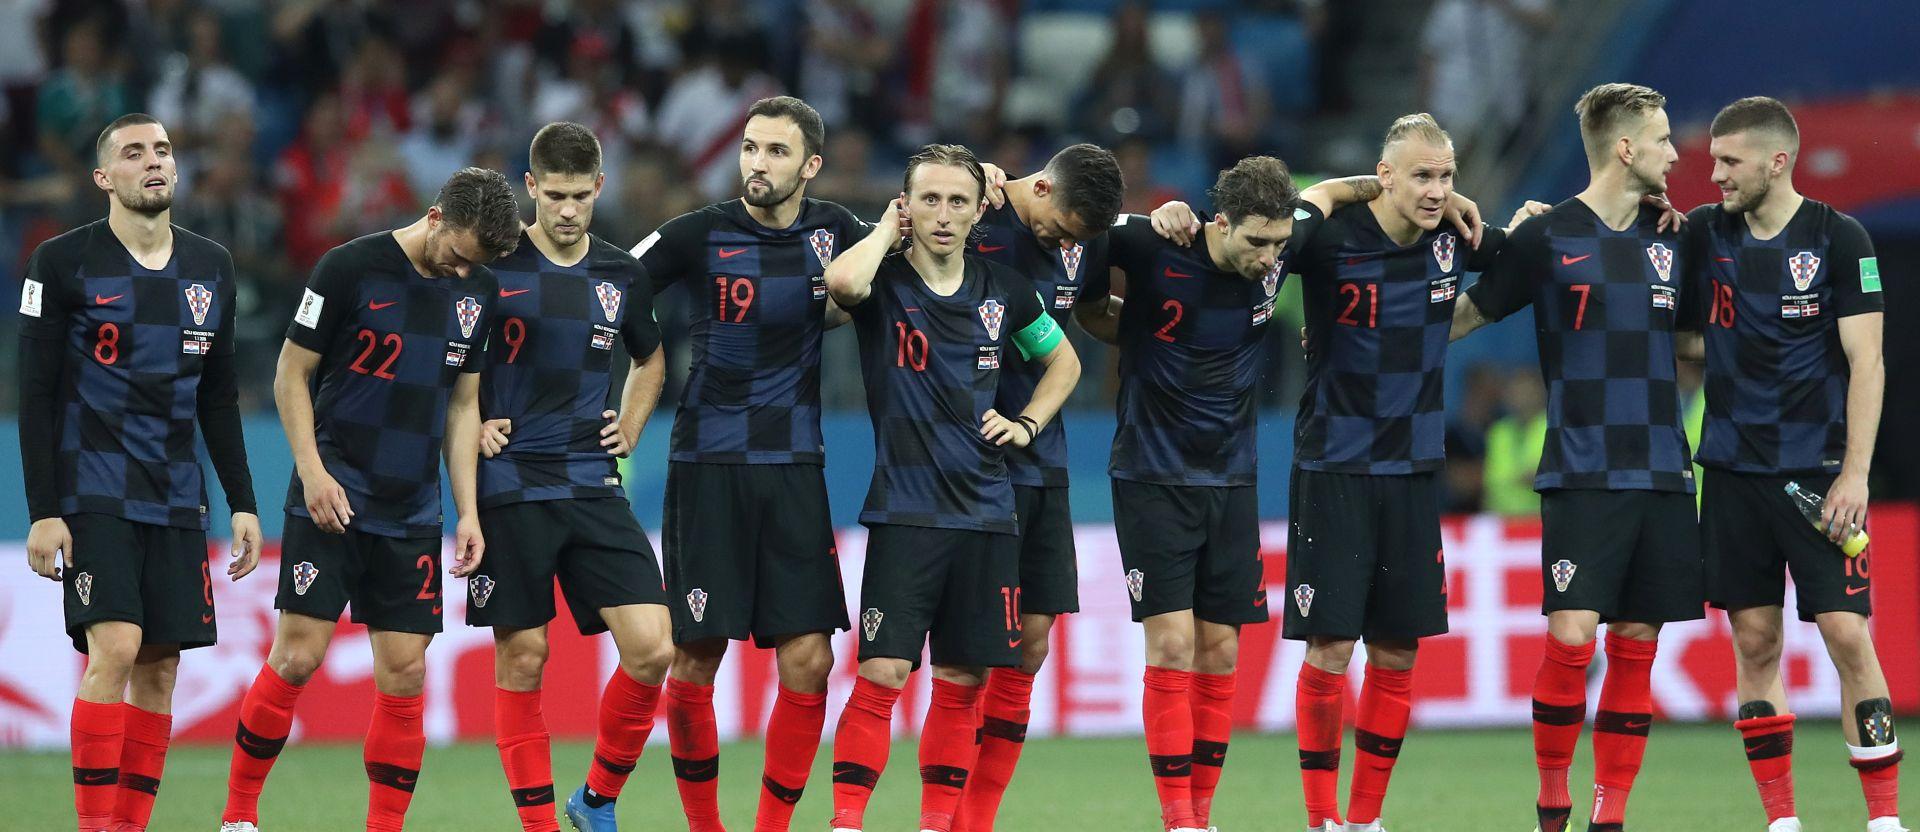 MILIĆ 'Španjolska je kvalitetna no dat ćemo svoj maksimum'